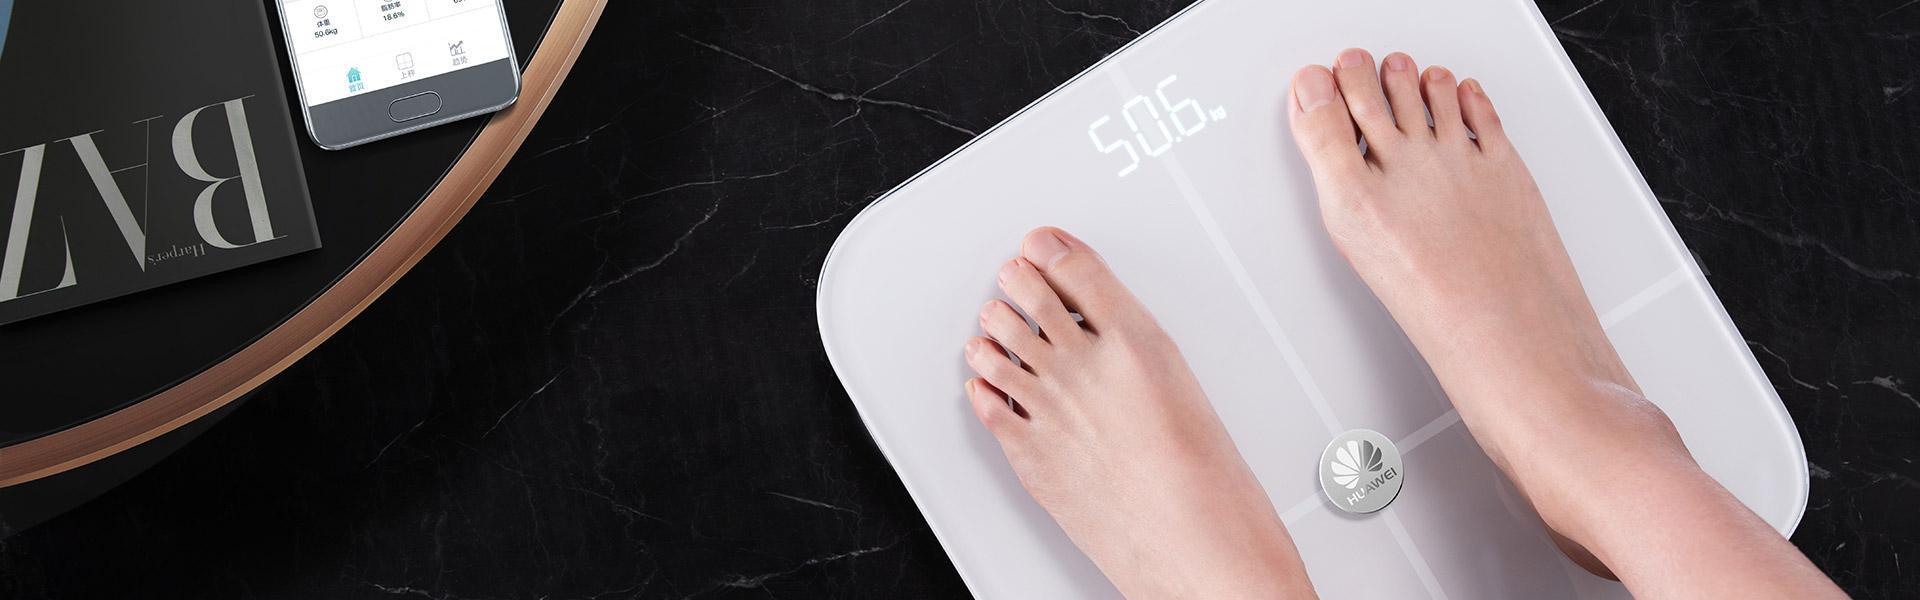 La Pesa Huawei muestra automáticamente el peso corporal y el porcentaje de grasa de los usuarios.